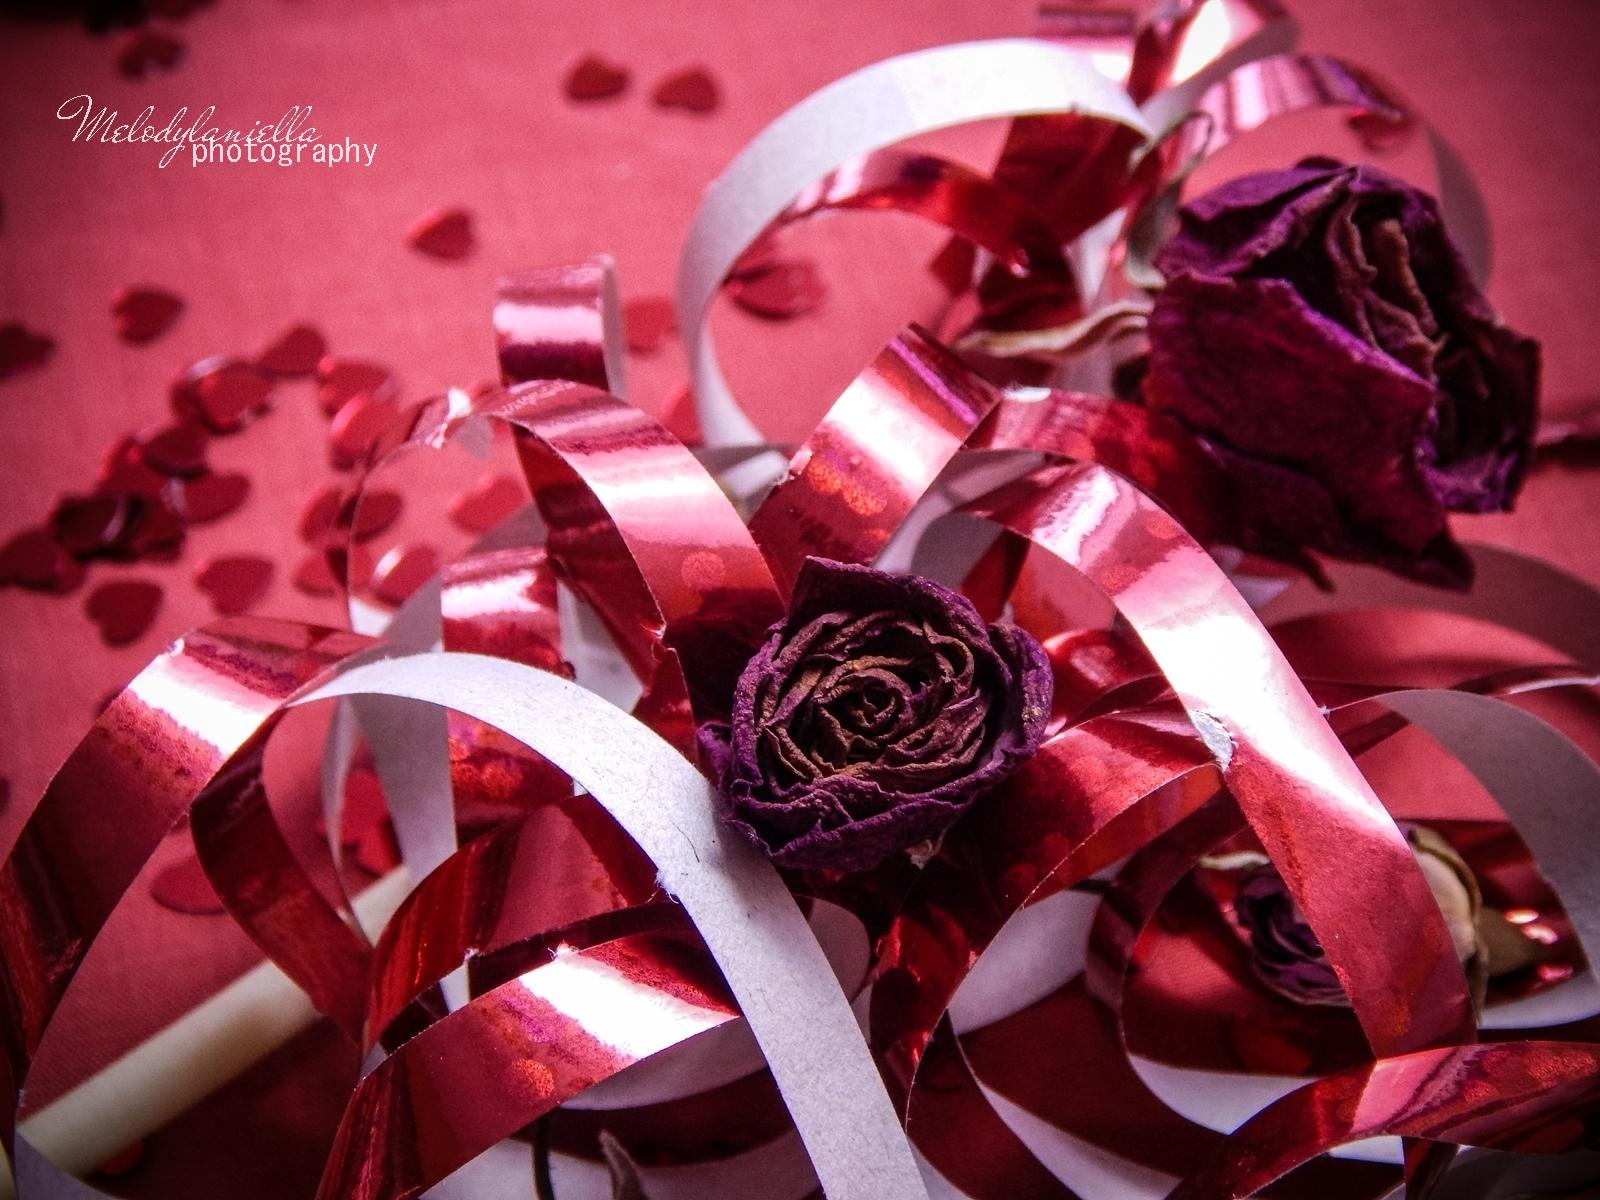 13 jak udekorować stół na walentynki walentynkowa kolacja pomysły na walentynkowe prezenty walentynkowe dekoracje home interior valentines blog melodylaniella partybox red